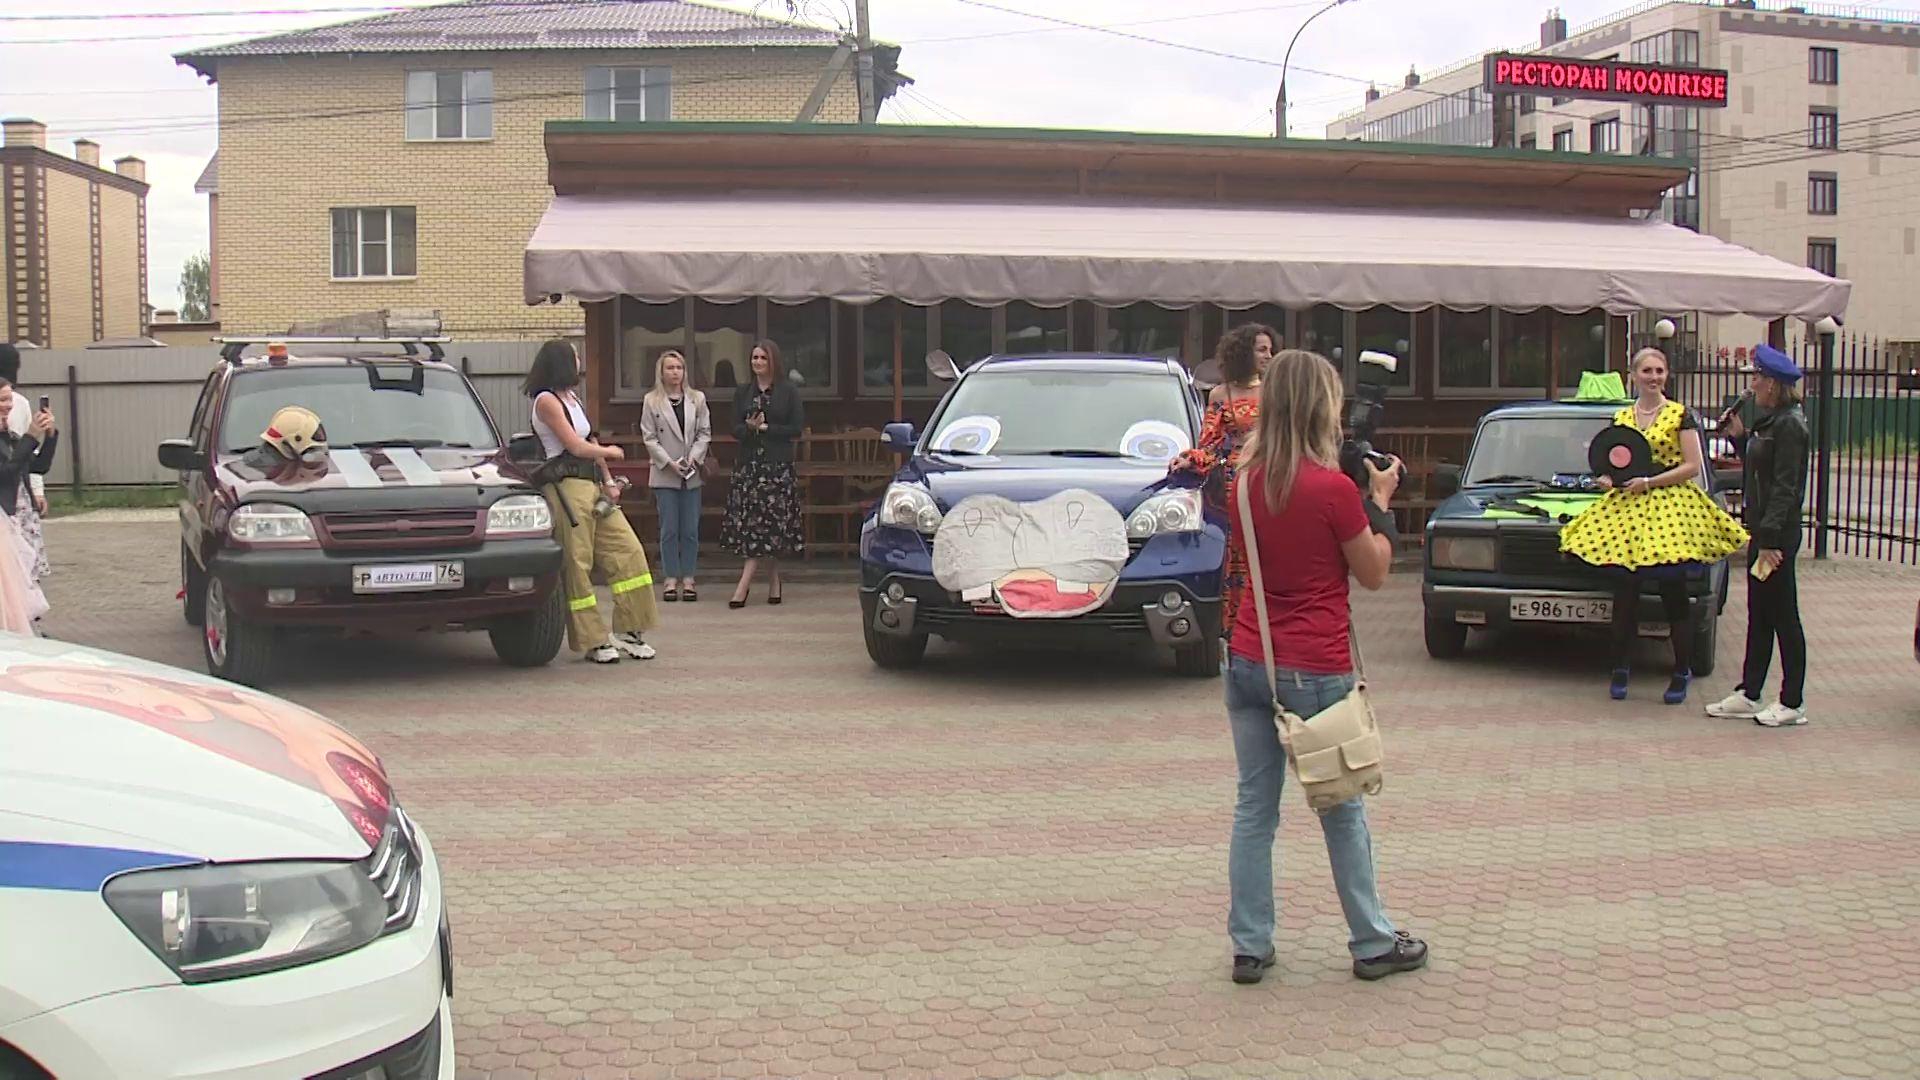 Пират, бегемот и розовая пантера: в Ярославле прошел финал «АвтоледиШоу»